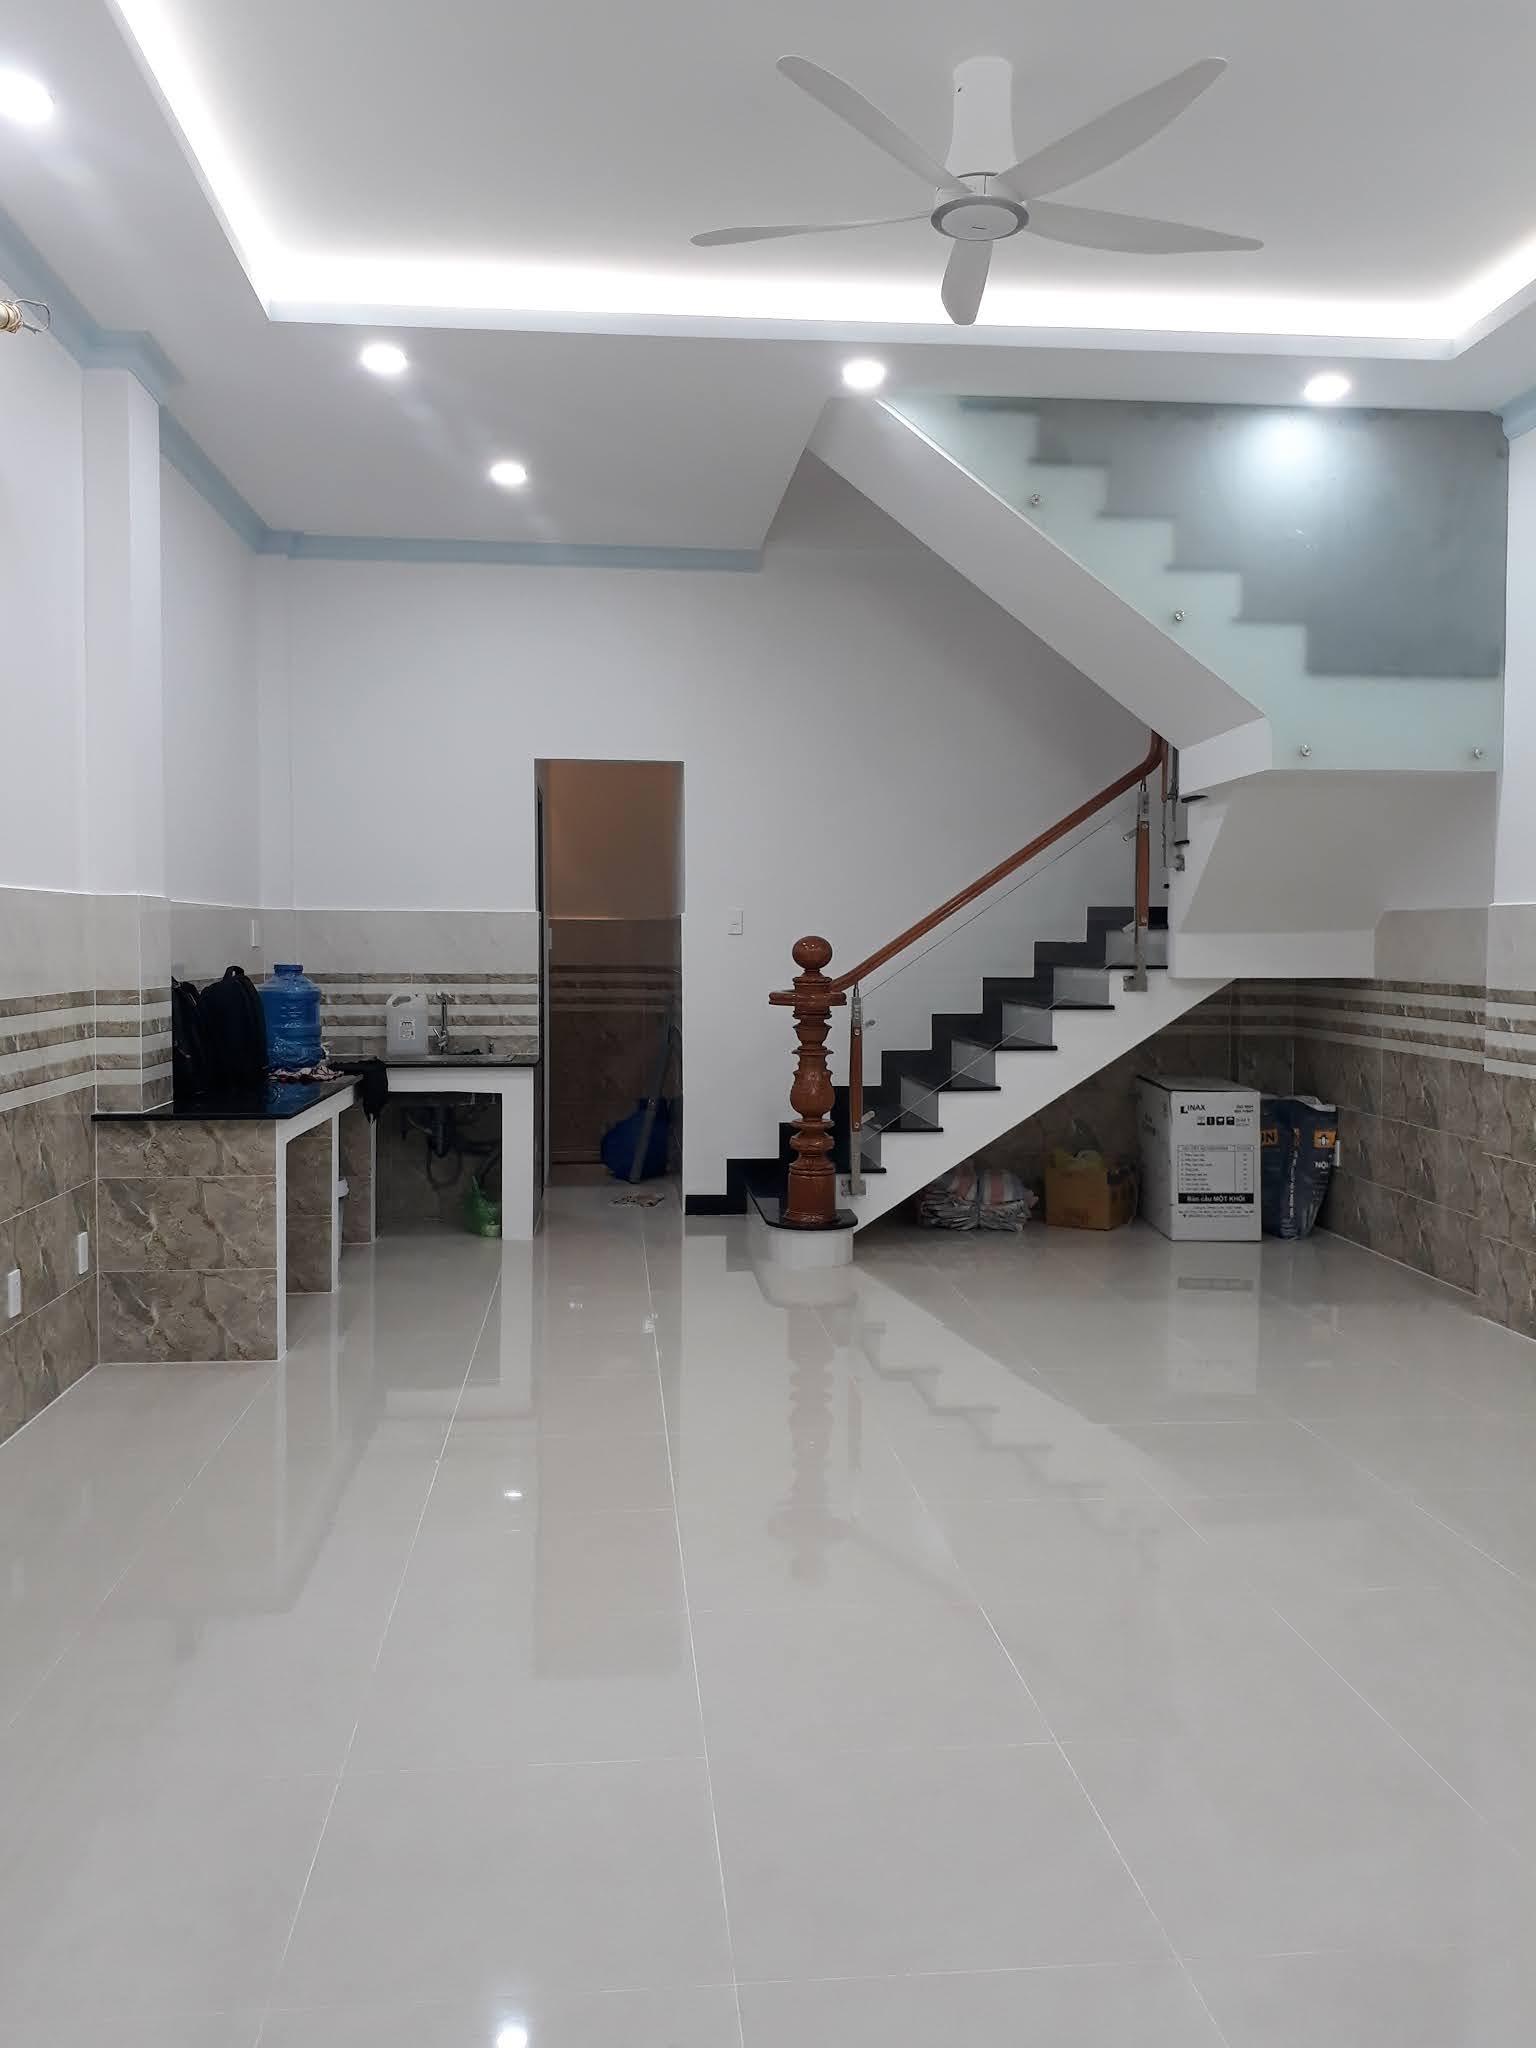 Bán nhà gần mặt tiền đường Lê Quang Định P7 quận Bình Thạnh Nhà mới xây cực đẹp